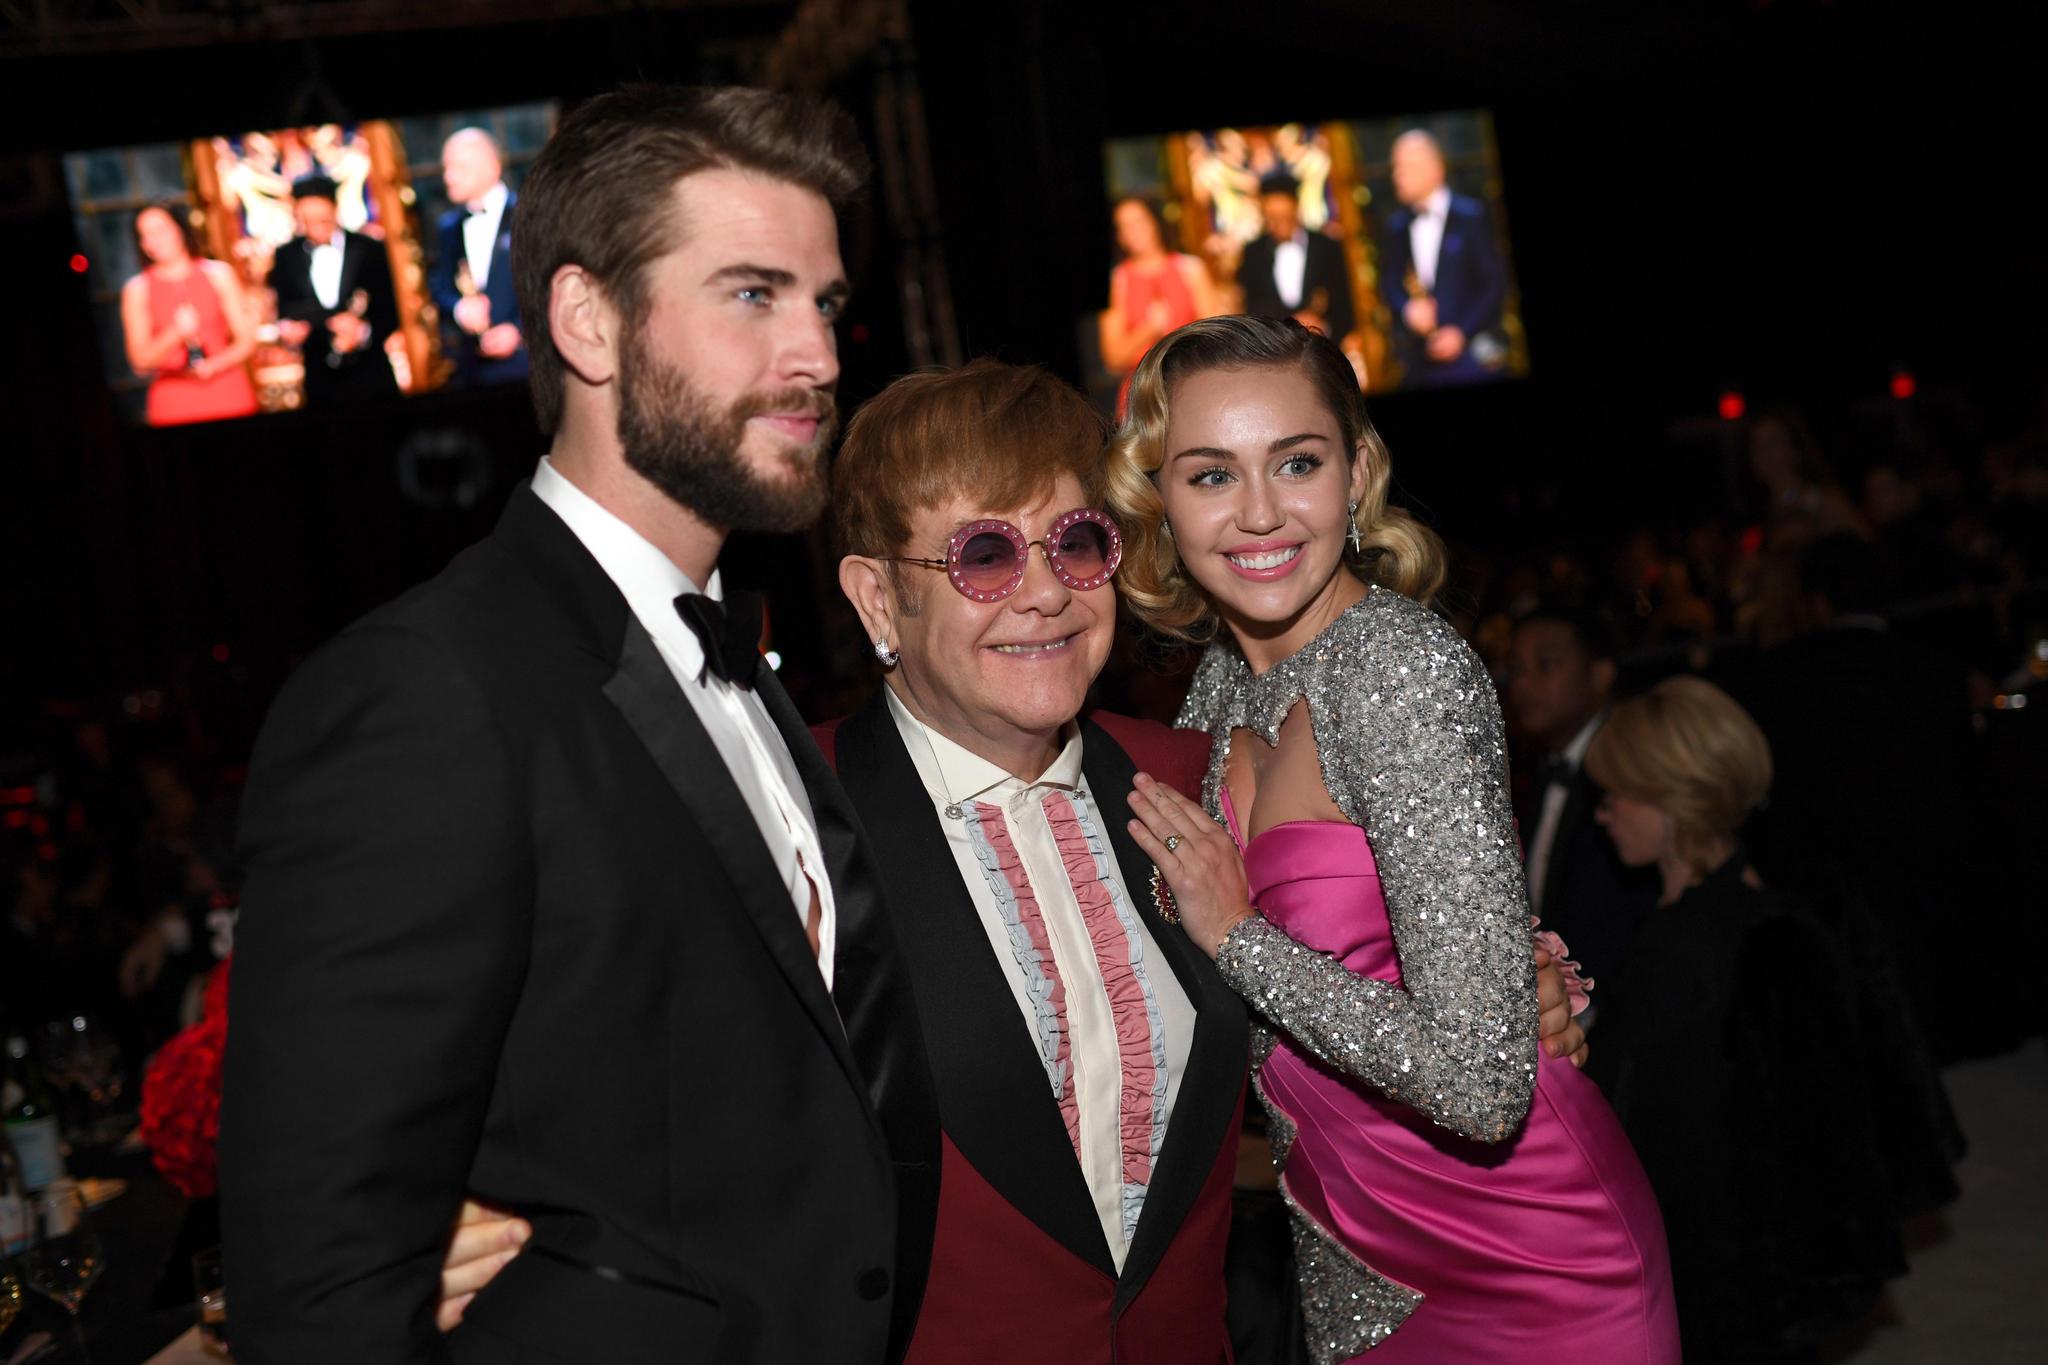 Liam Hemsworth und Miley Cyrus zählen zu den prominenten Gästen, die gern zur Charity-Party von Elton John kommen.